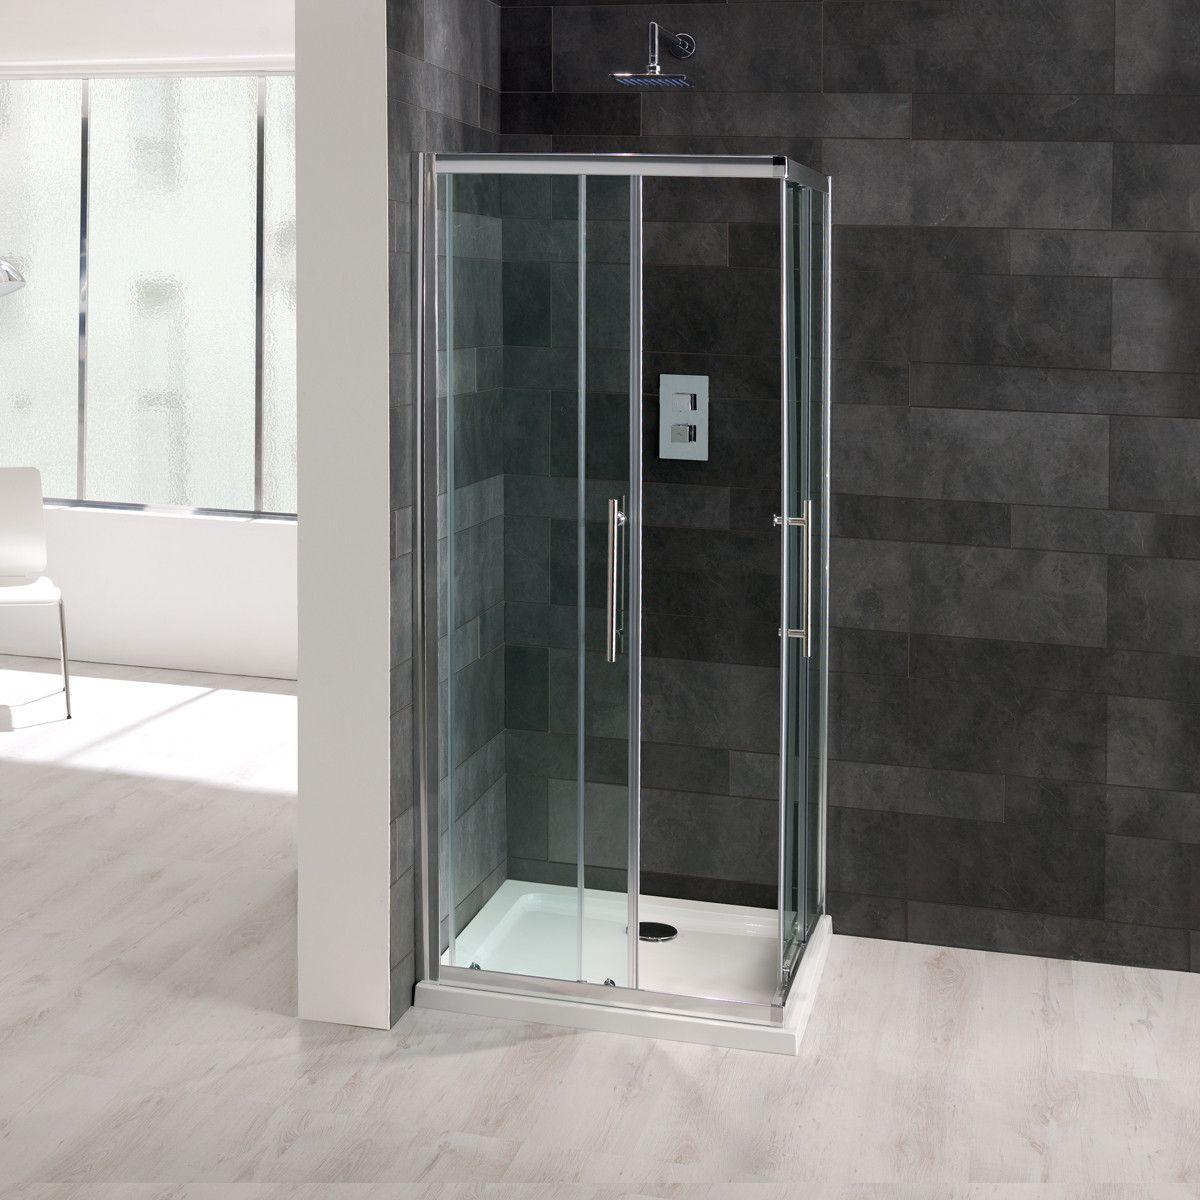 G6 Corner Entry Shower Enclosure 900 x 900 | shower enclosures ...